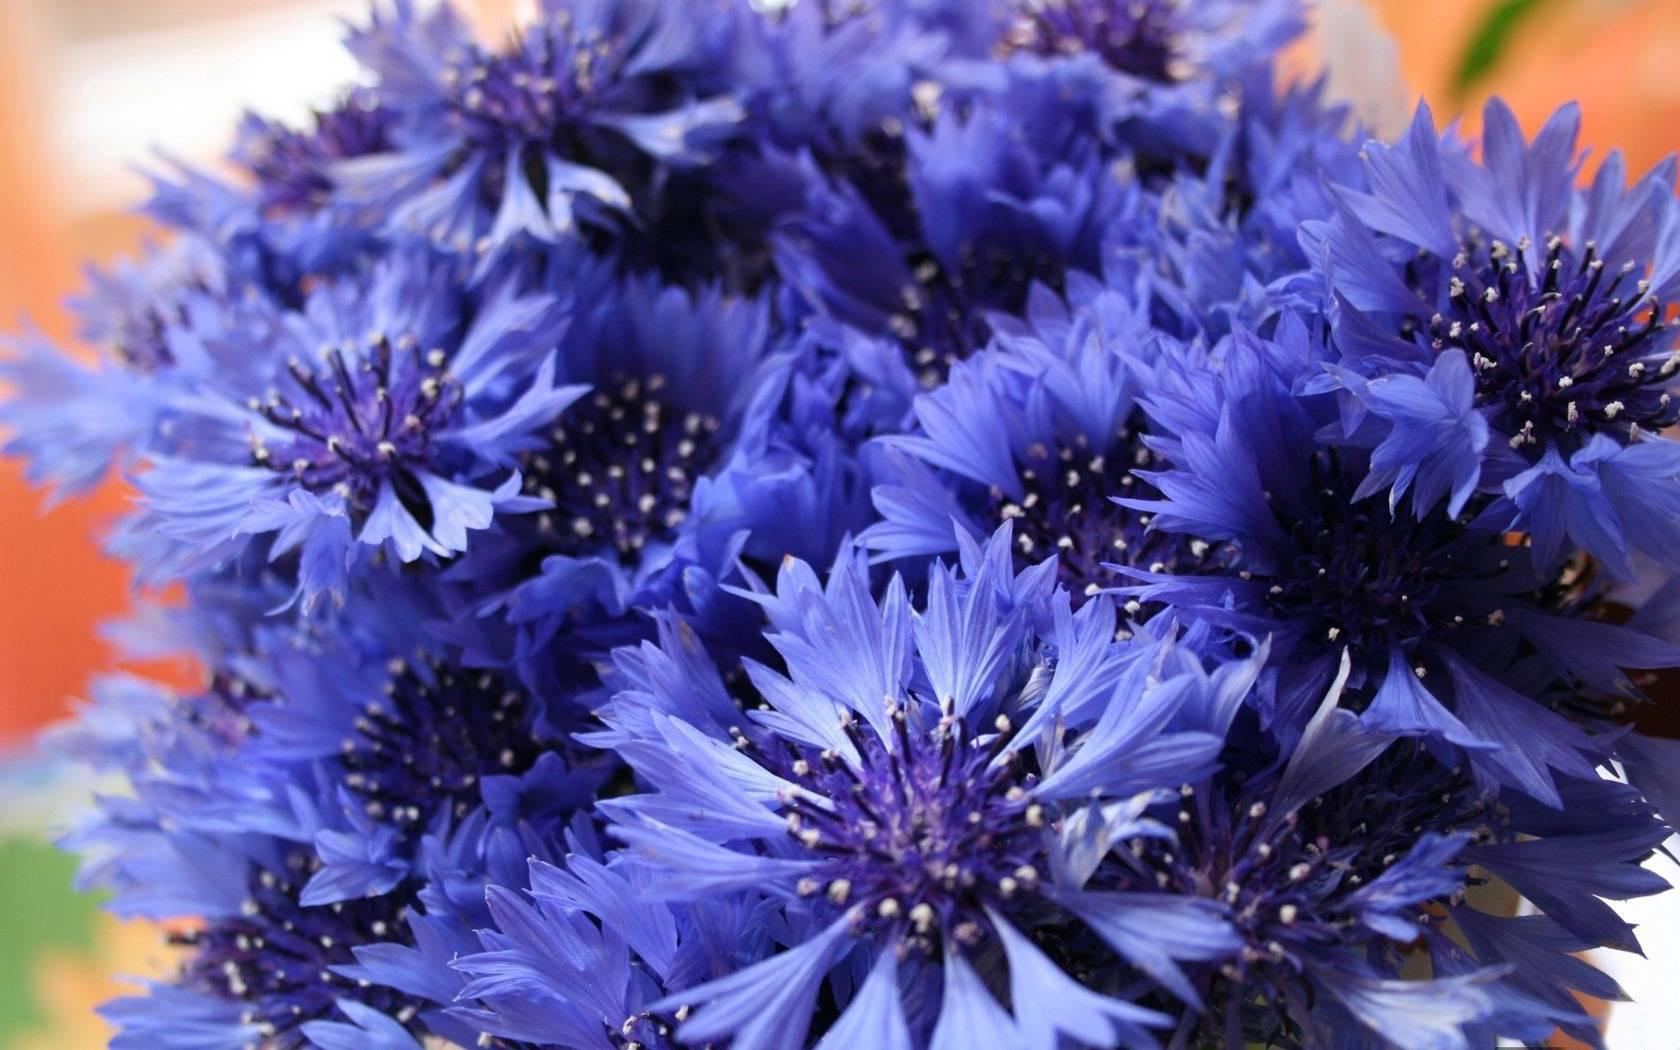 васильки, синие, лепестки